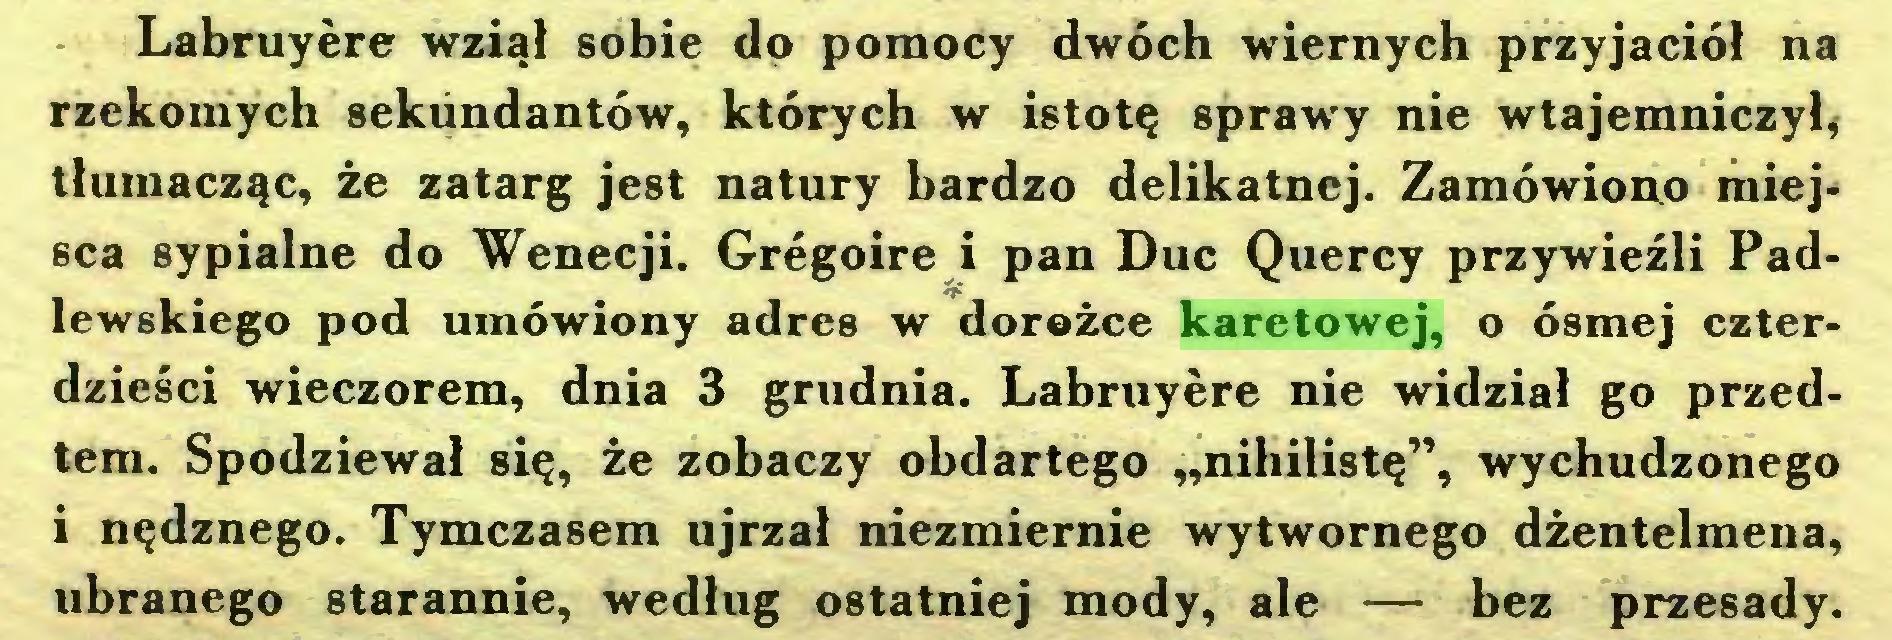 """(...) Labruyère wziął sobie do pomocy dwóch wiernych przyjaciół na rzekomych sekiindantów, których w istotę sprawy nie wtajemniczył* tłumacząc, że zatarg jest natury bardzo delikatnej. Zamówiono miejsca sypialne do Wenecji. Grégoire i pan Duc Quercy przywieźli Padlewskiego pod umówiony adres w dorożce karetowej, o ósmej czterdzieści wieczorem, dnia 3 grudnia. Labruyère nie widział go przedtem. Spodziewał się, że zobaczy obdartego """"nihilistę"""", wychudzonego i nędznego. Tymczasem ujrzał niezmiernie wytwornego dżentelmena, ubranego starannie, według ostatniej mody, ale — bez przesady..."""